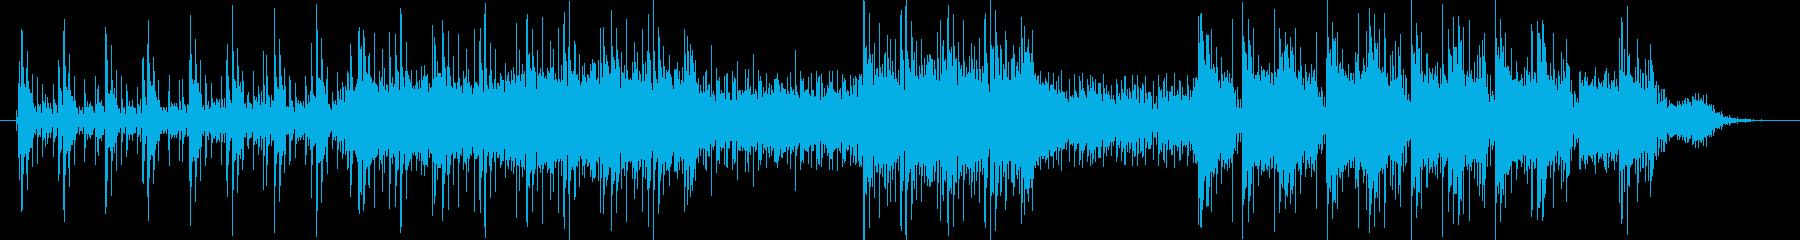 ゲーム、アニメなどのアクション向き楽曲。の再生済みの波形